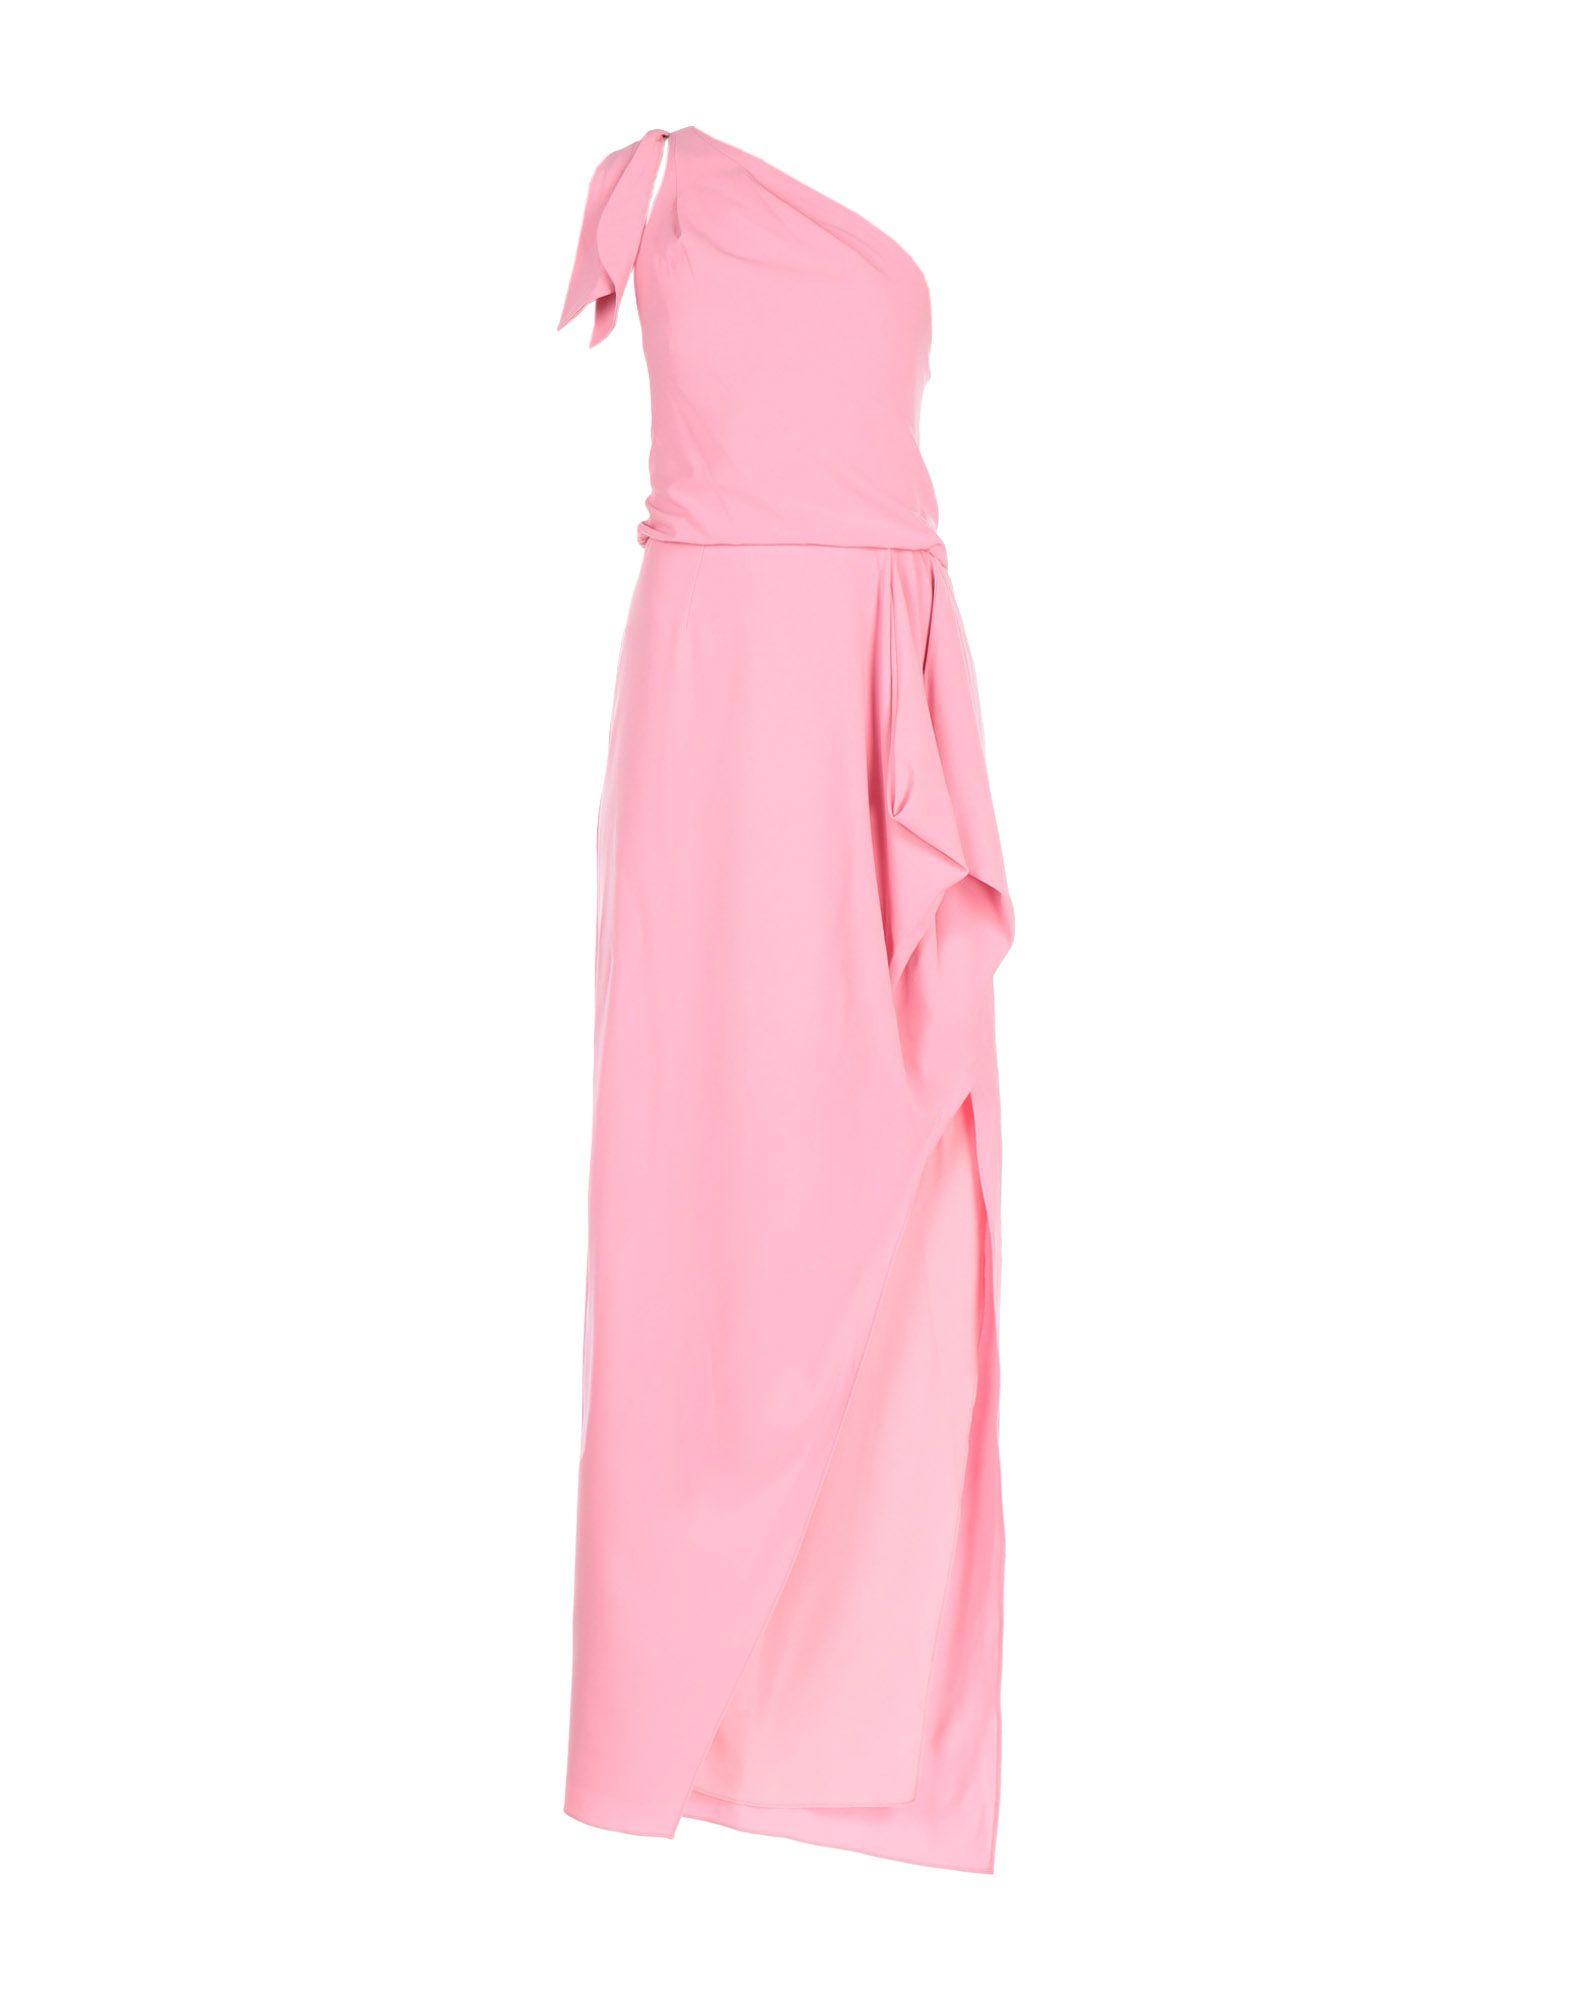 《期間限定セール中》HALSTON HERITAGE レディース ロングワンピース&ドレス ピンク 12 トリアセテート 60% / ポリエステル 40%